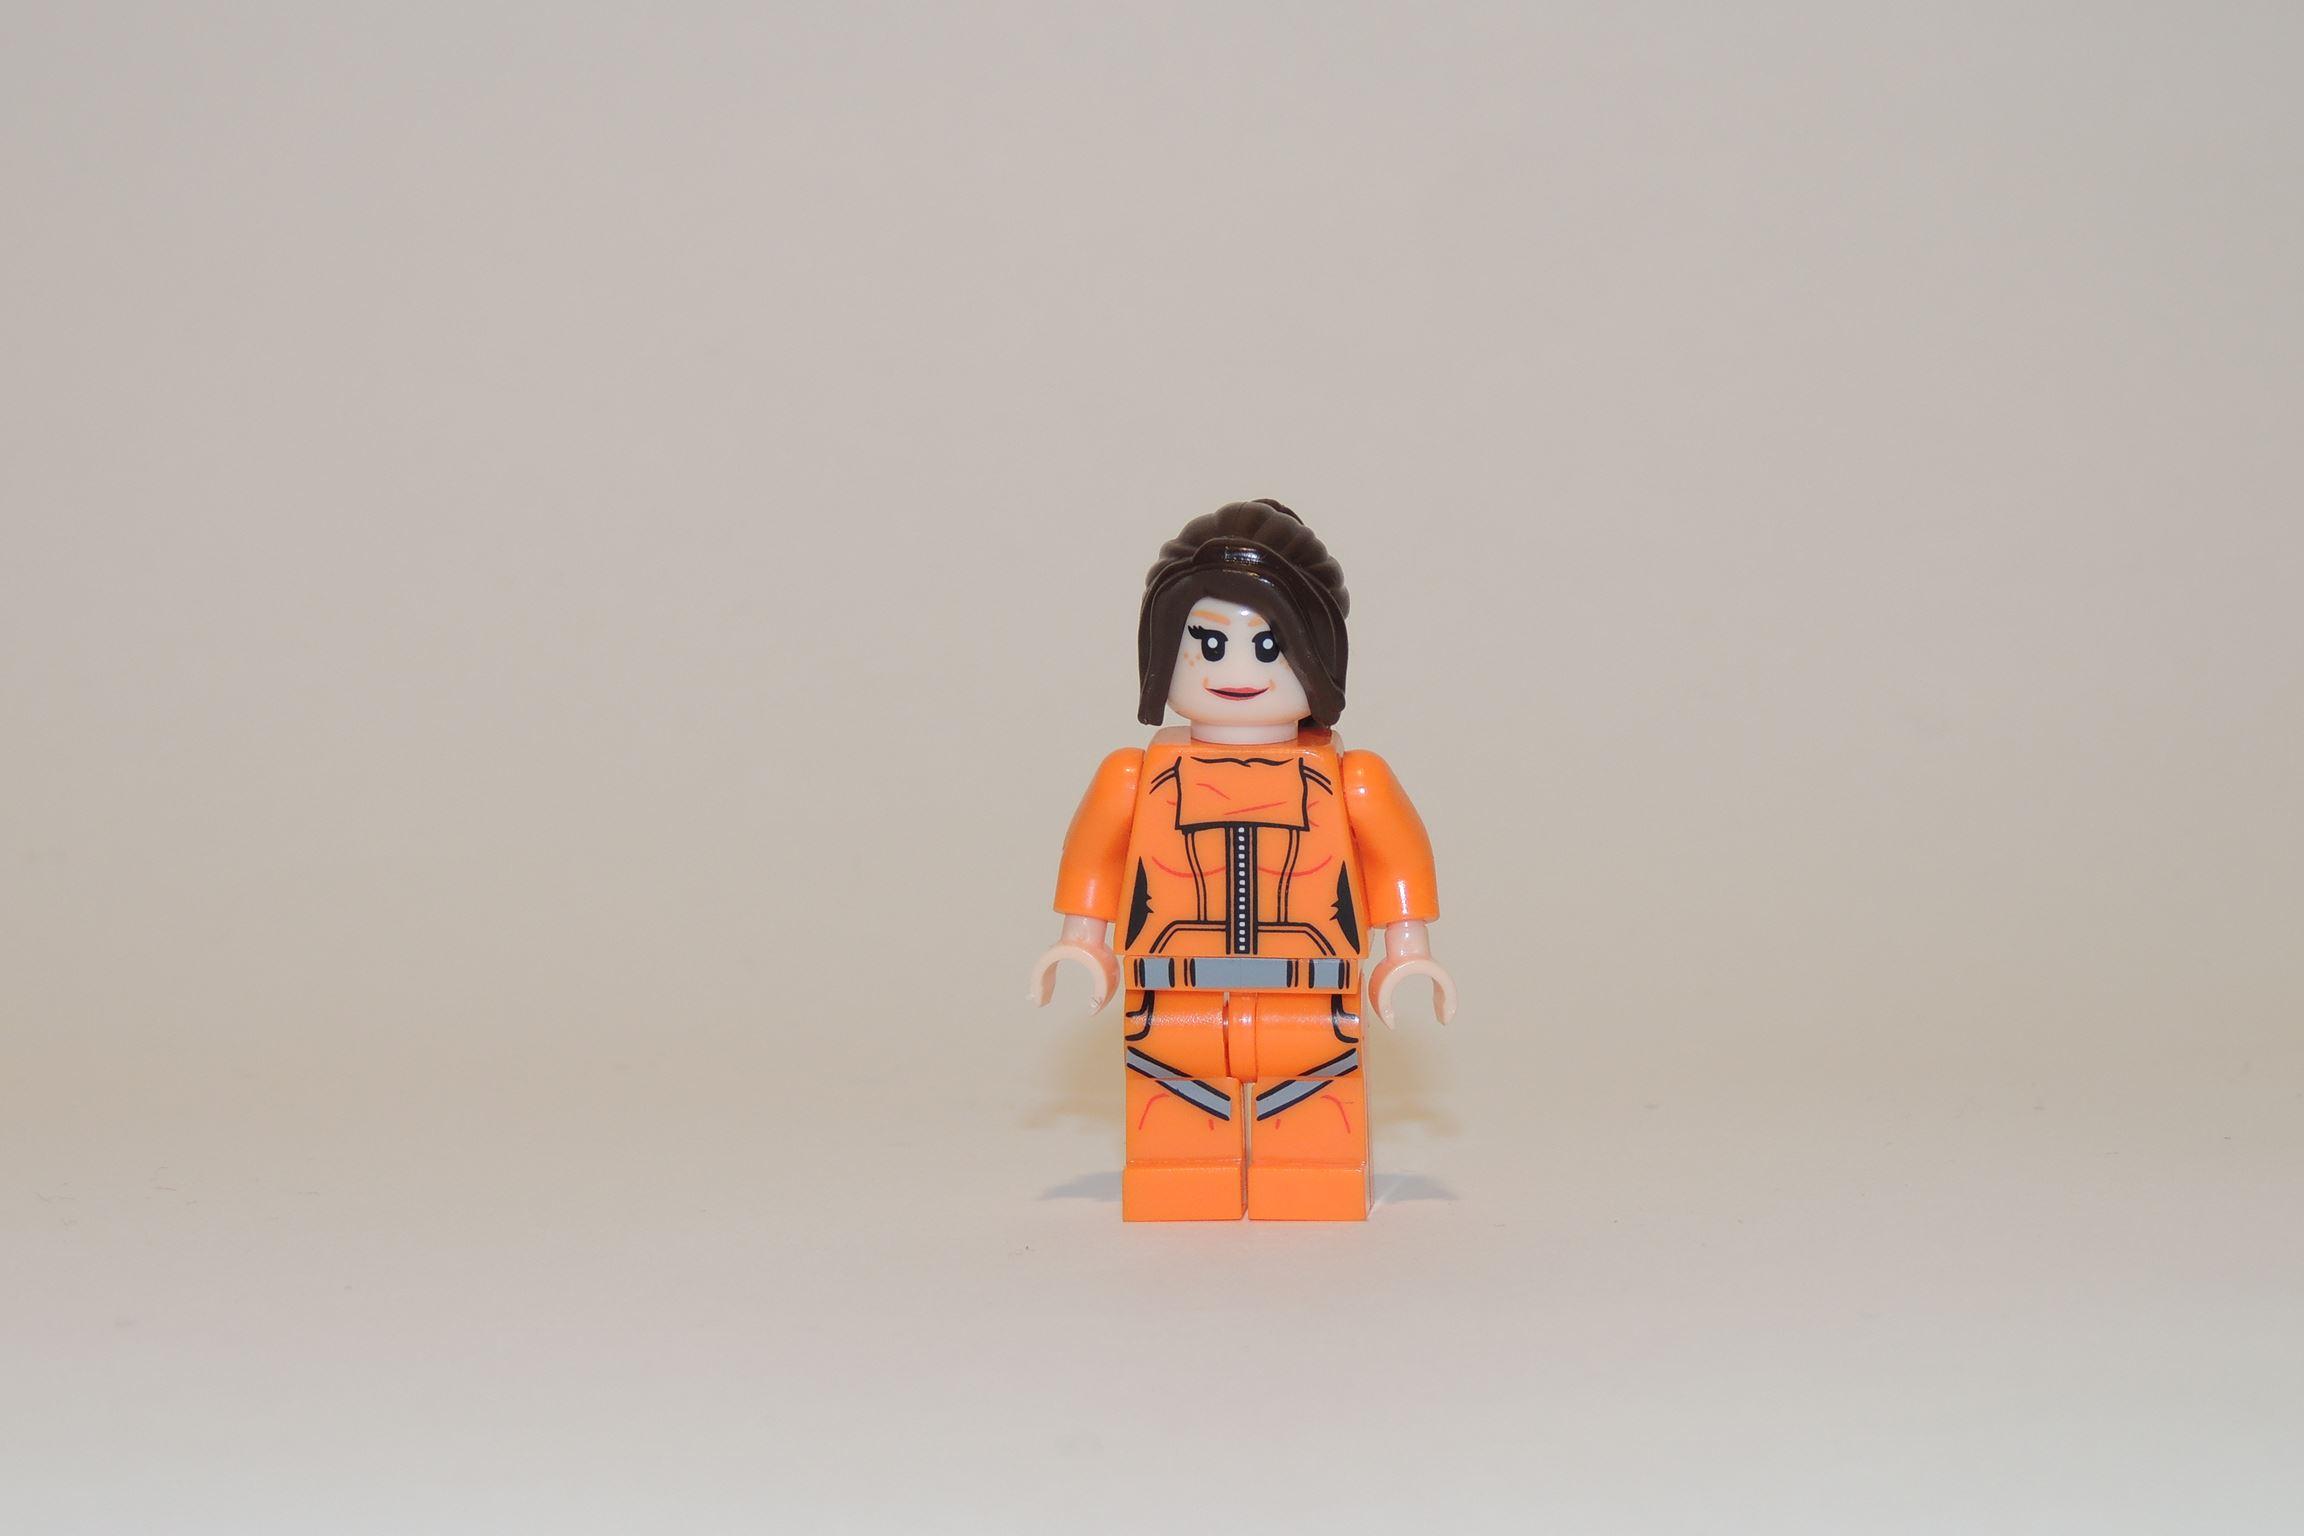 Orangener Overall... Warum keinen Gelb-Schwarz gestreifter Racesuit mit blonden Haaren und einem Katana?